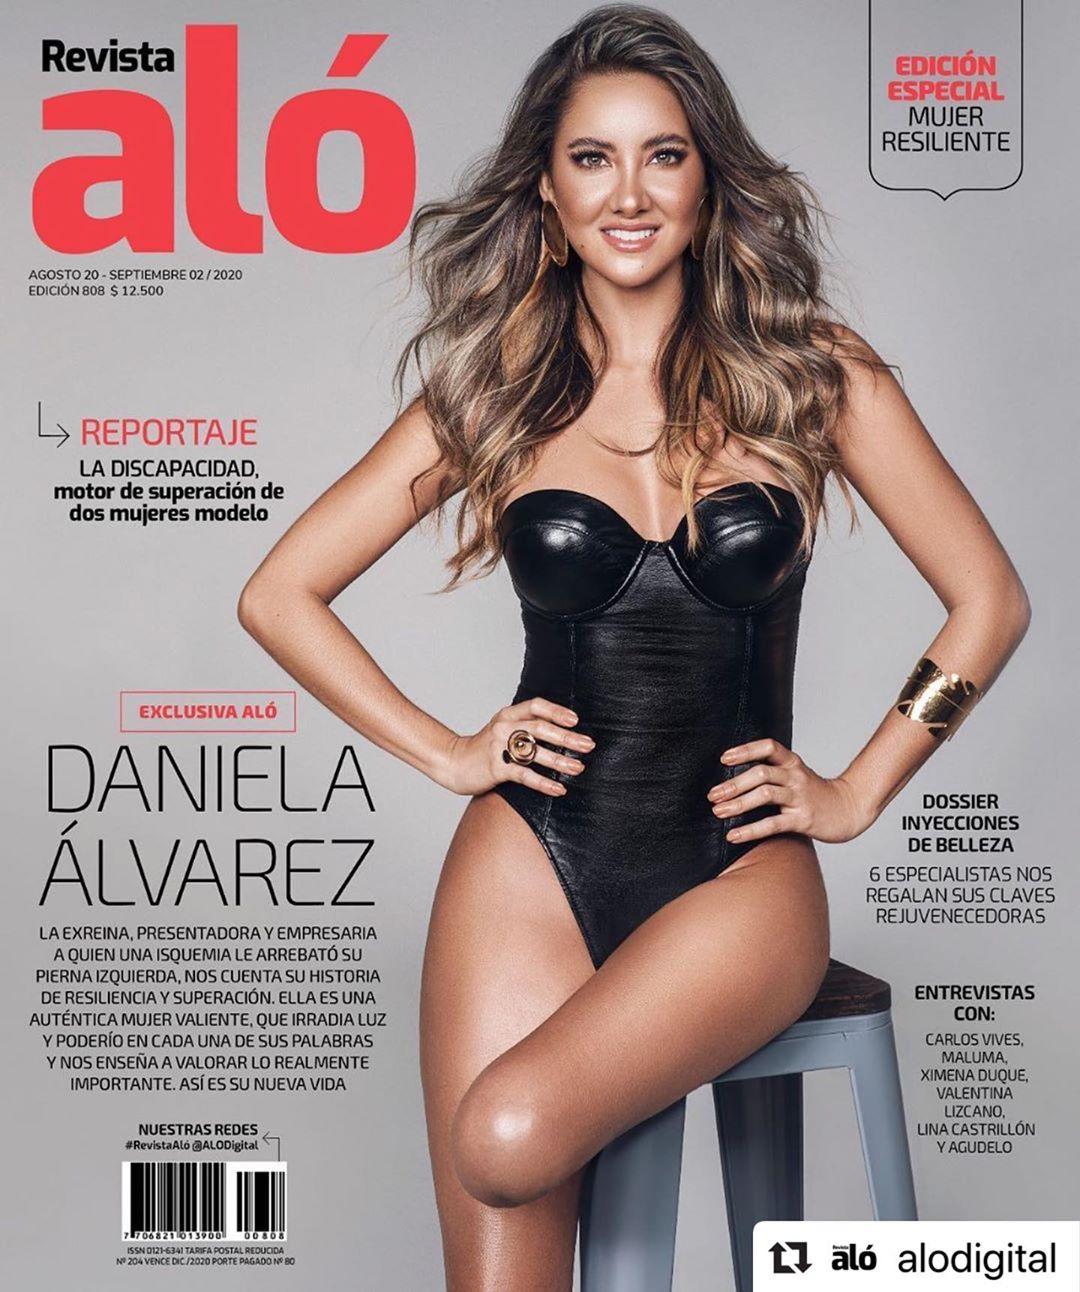 Las fotos exclusivas del renacer de Daniela Álvarez  N33n92c2